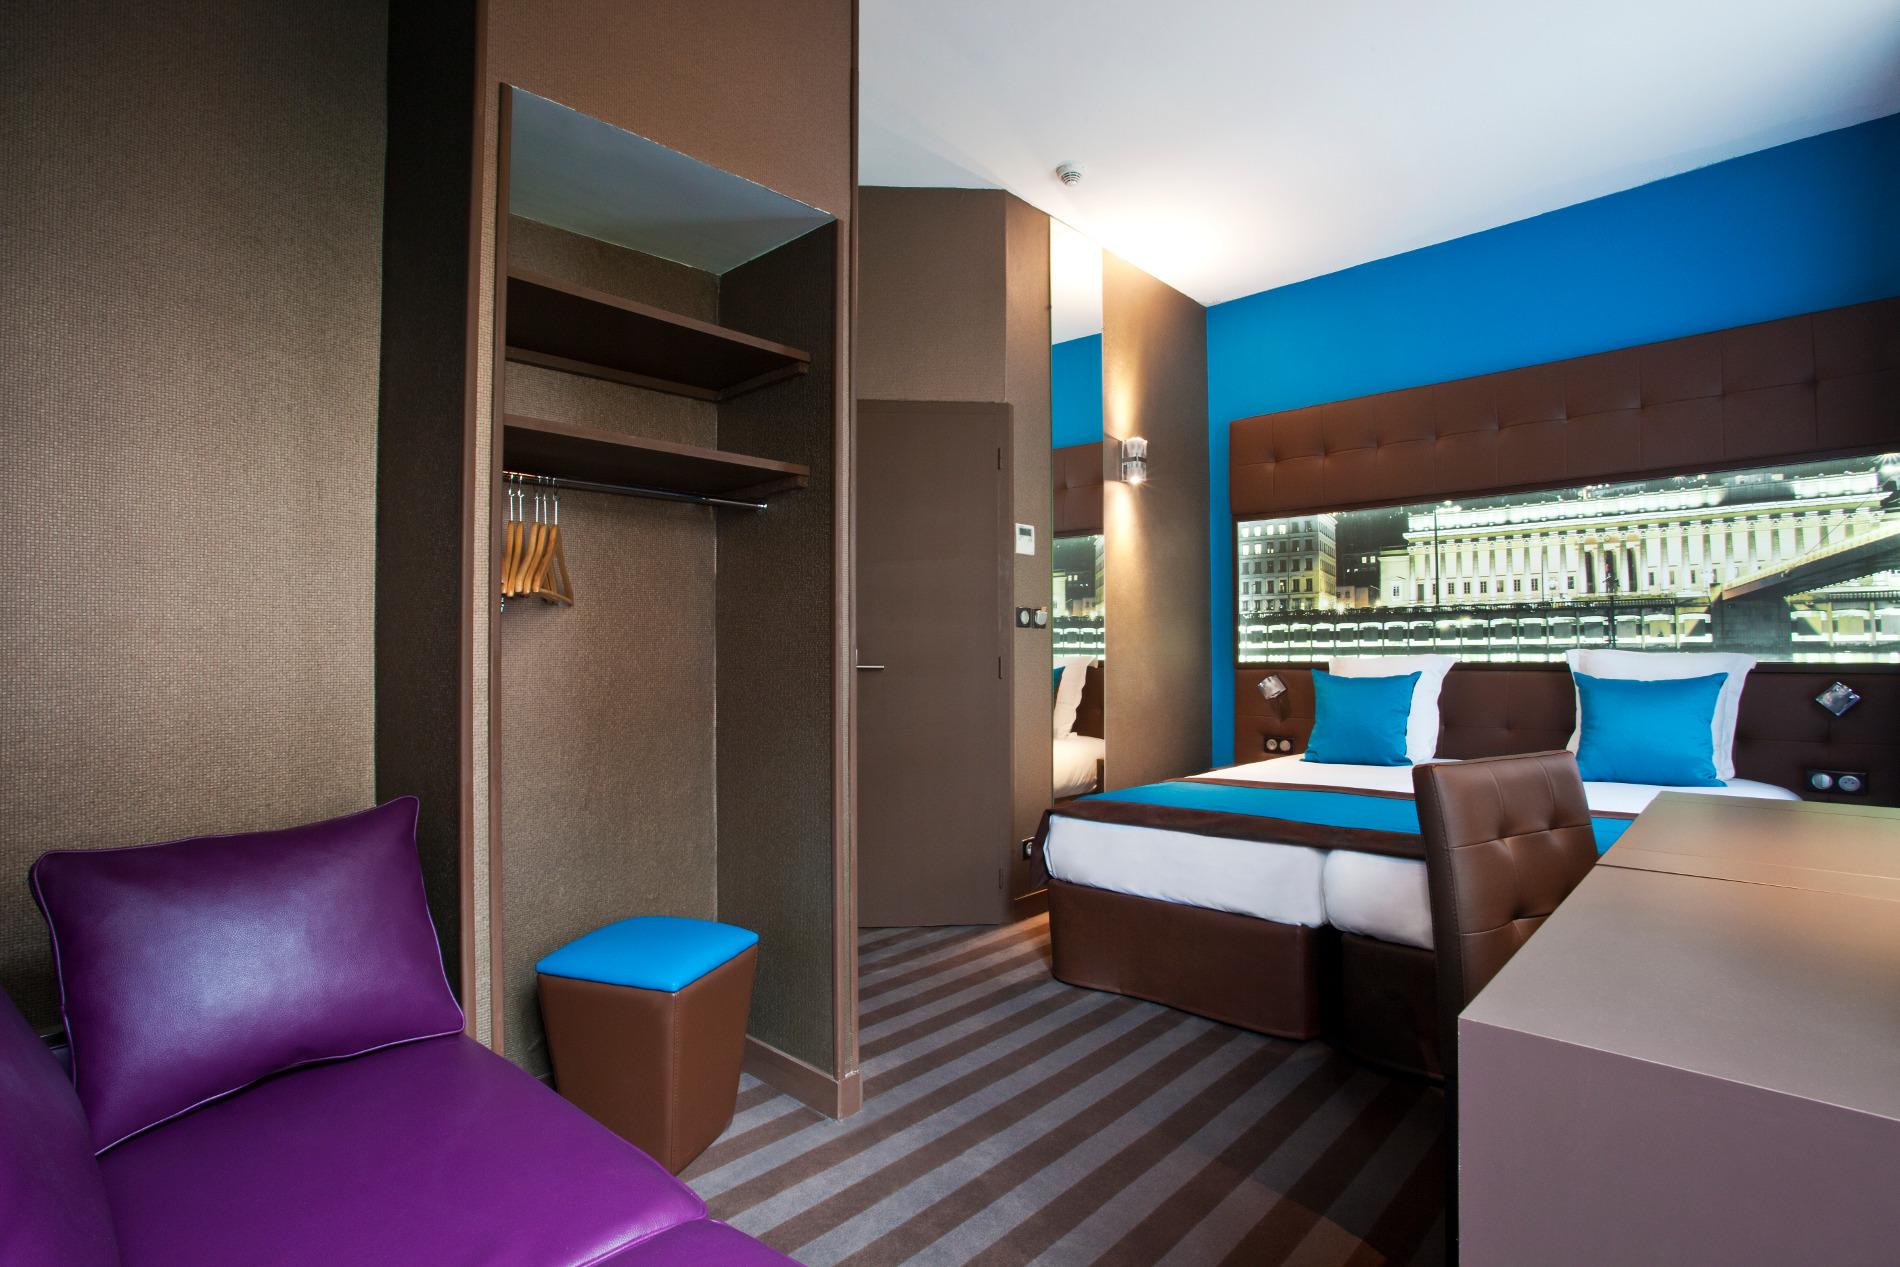 Chambre familiale h tel des savoies h tel 3 toiles lyon for Hotels 3 etoiles lyon